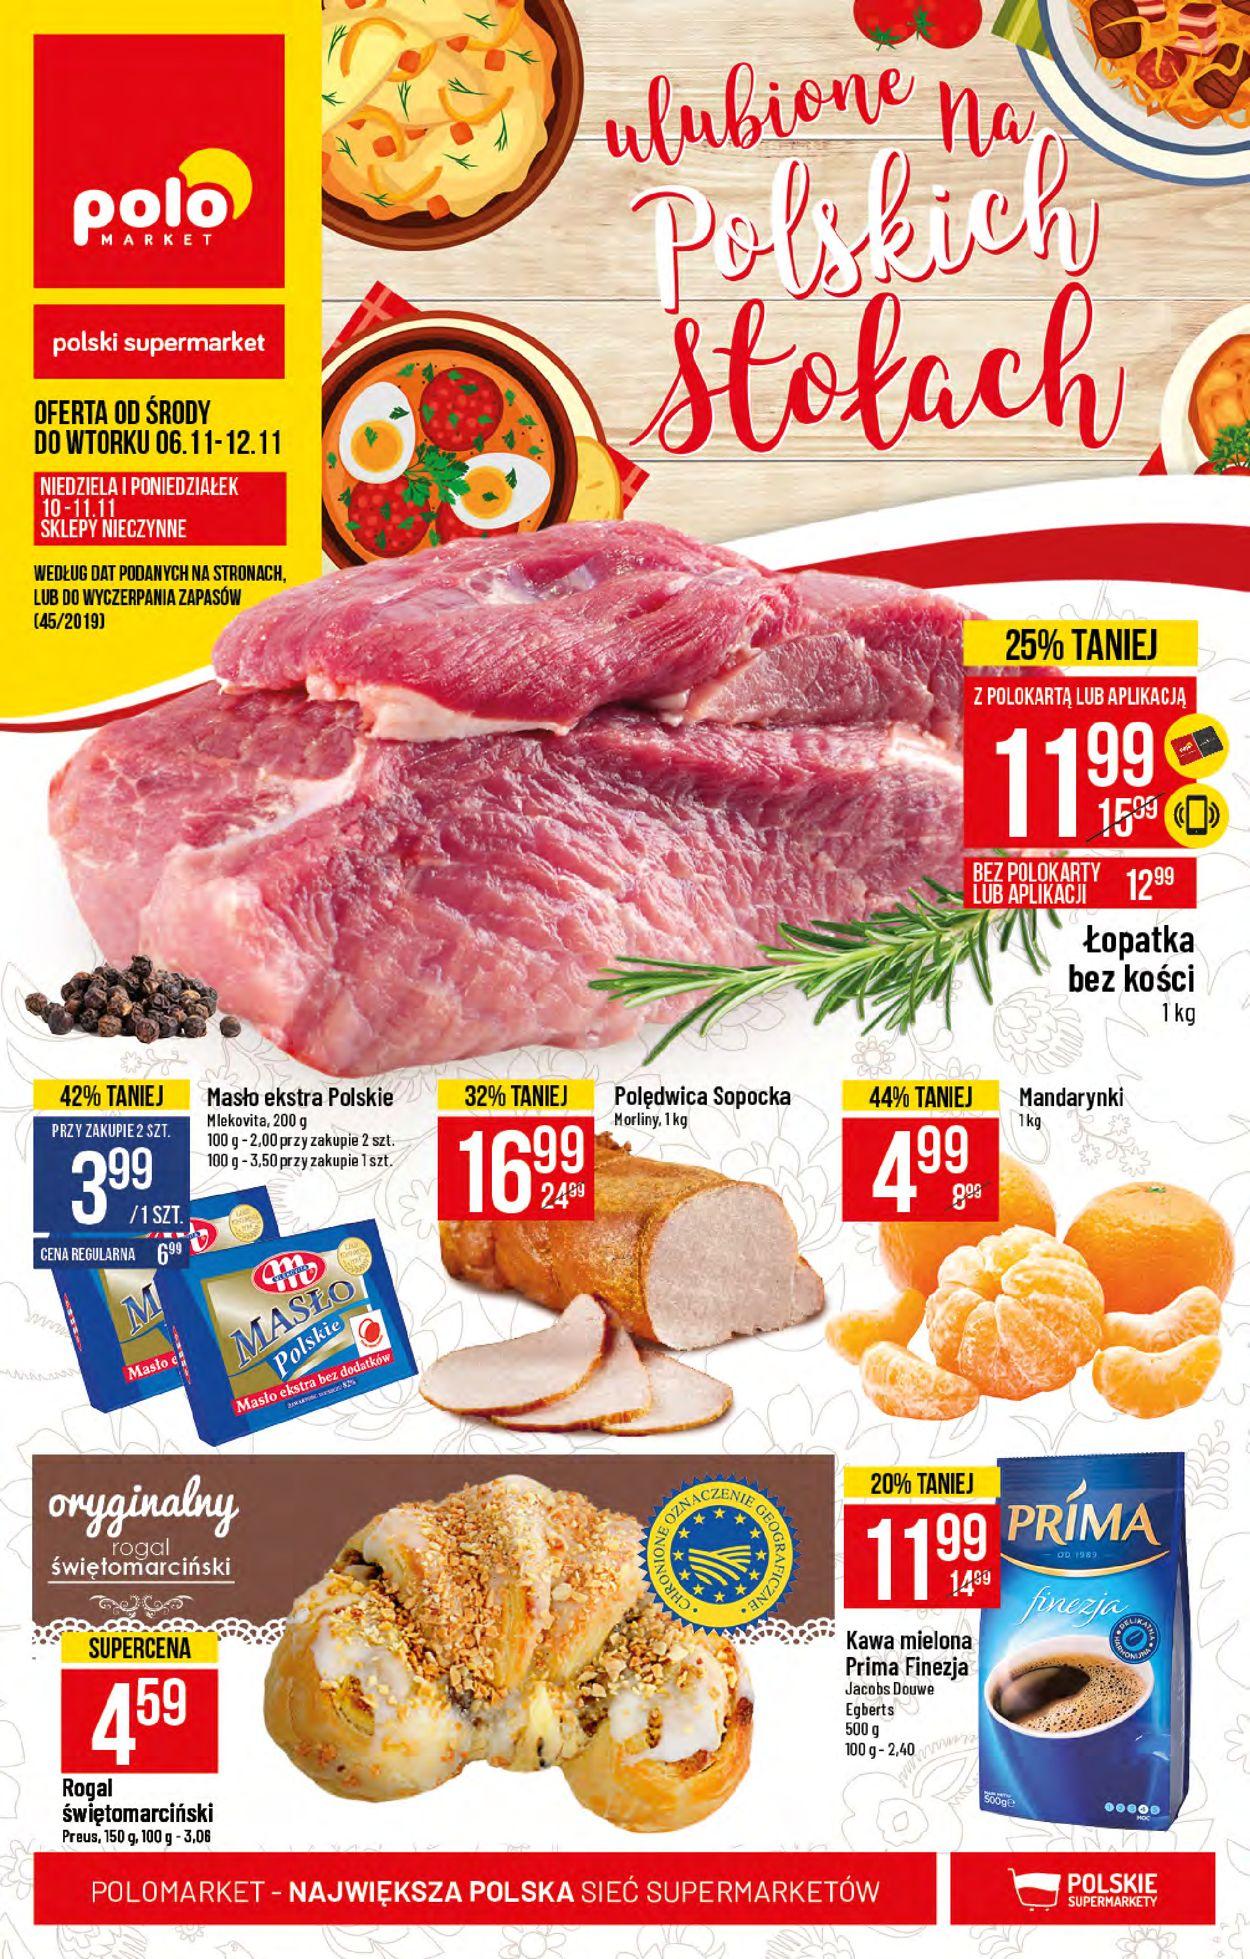 Gazetka promocyjna Polomarket - 06.11-12.11.2019